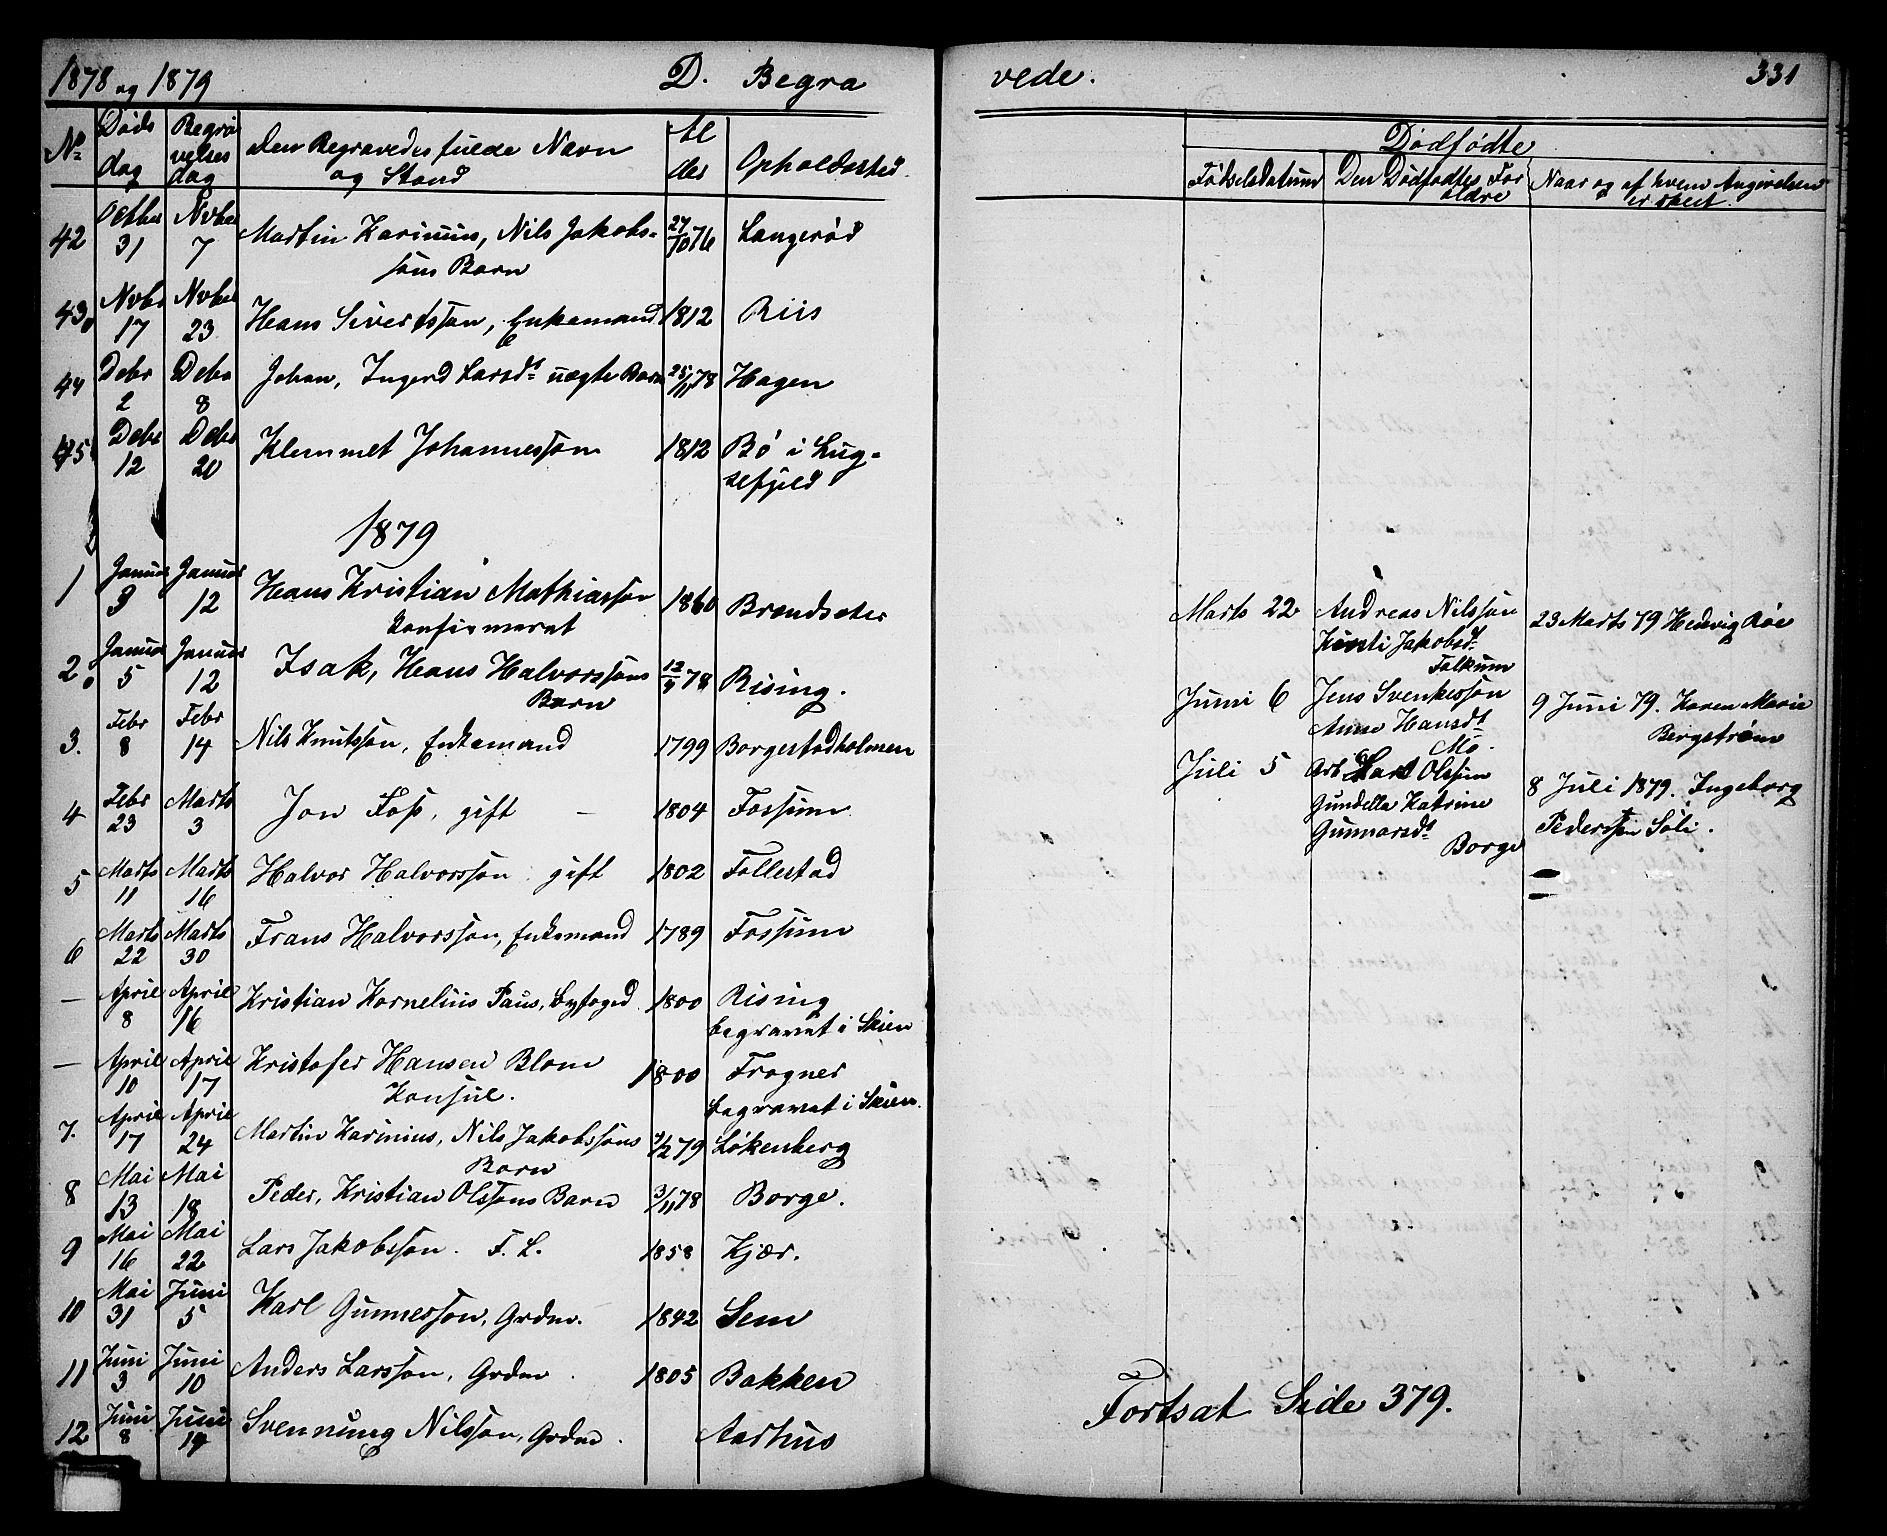 SAKO, Gjerpen kirkebøker, G/Ga/L0001: Klokkerbok nr. I 1, 1864-1882, s. 331